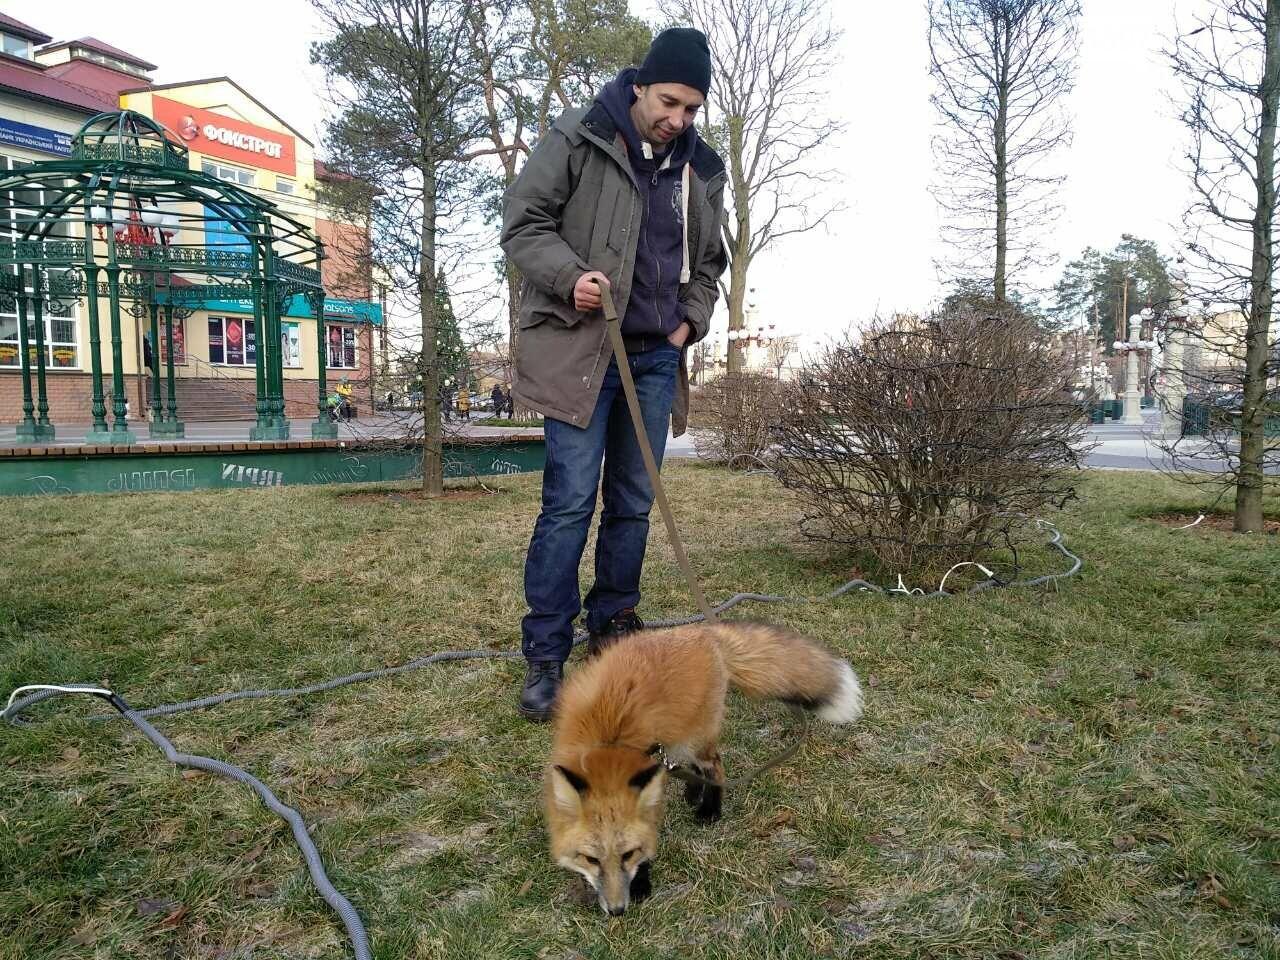 Сьогодні у центрі Ірпеня гуляв справжній лис (фото, відео), фото-1